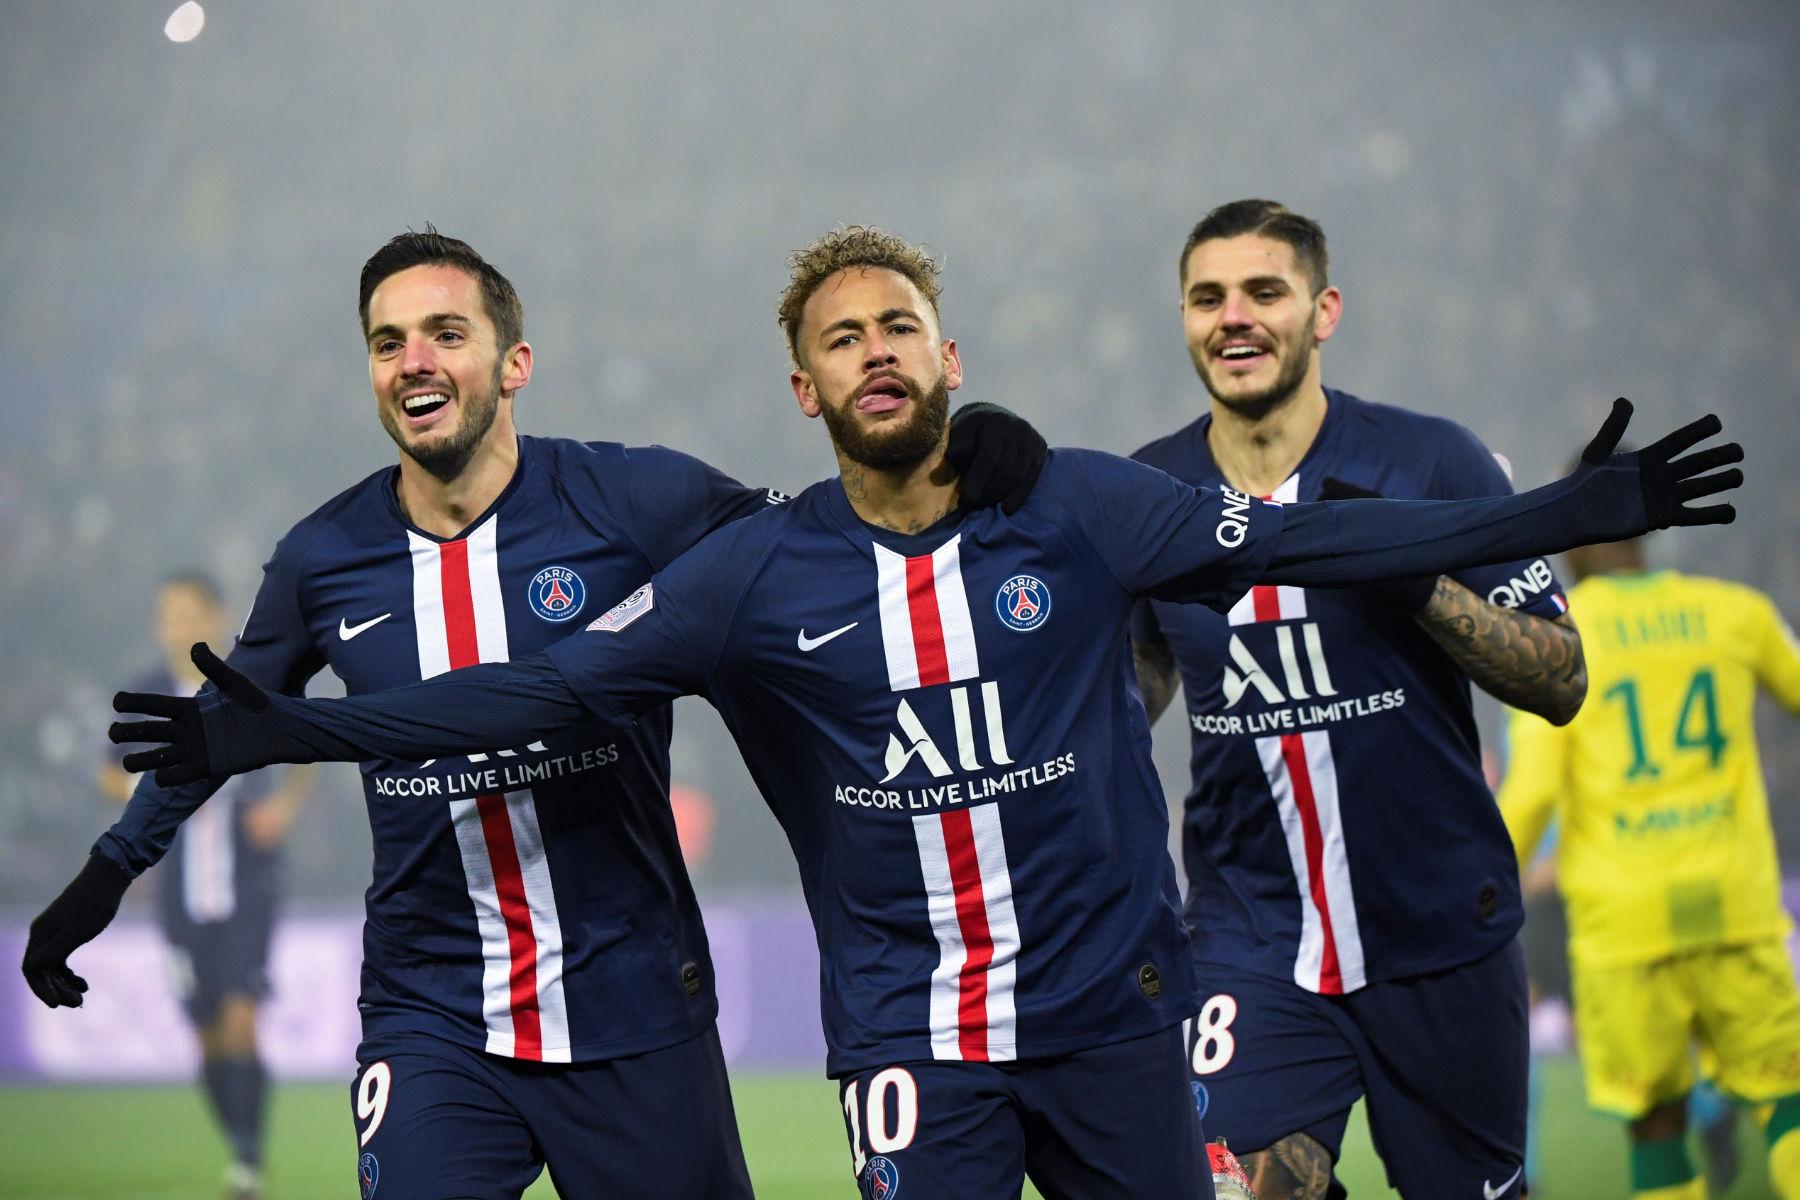 Vì sao CLB PSG khó vô địch tại Ligue 1 mùa giải 2020/21